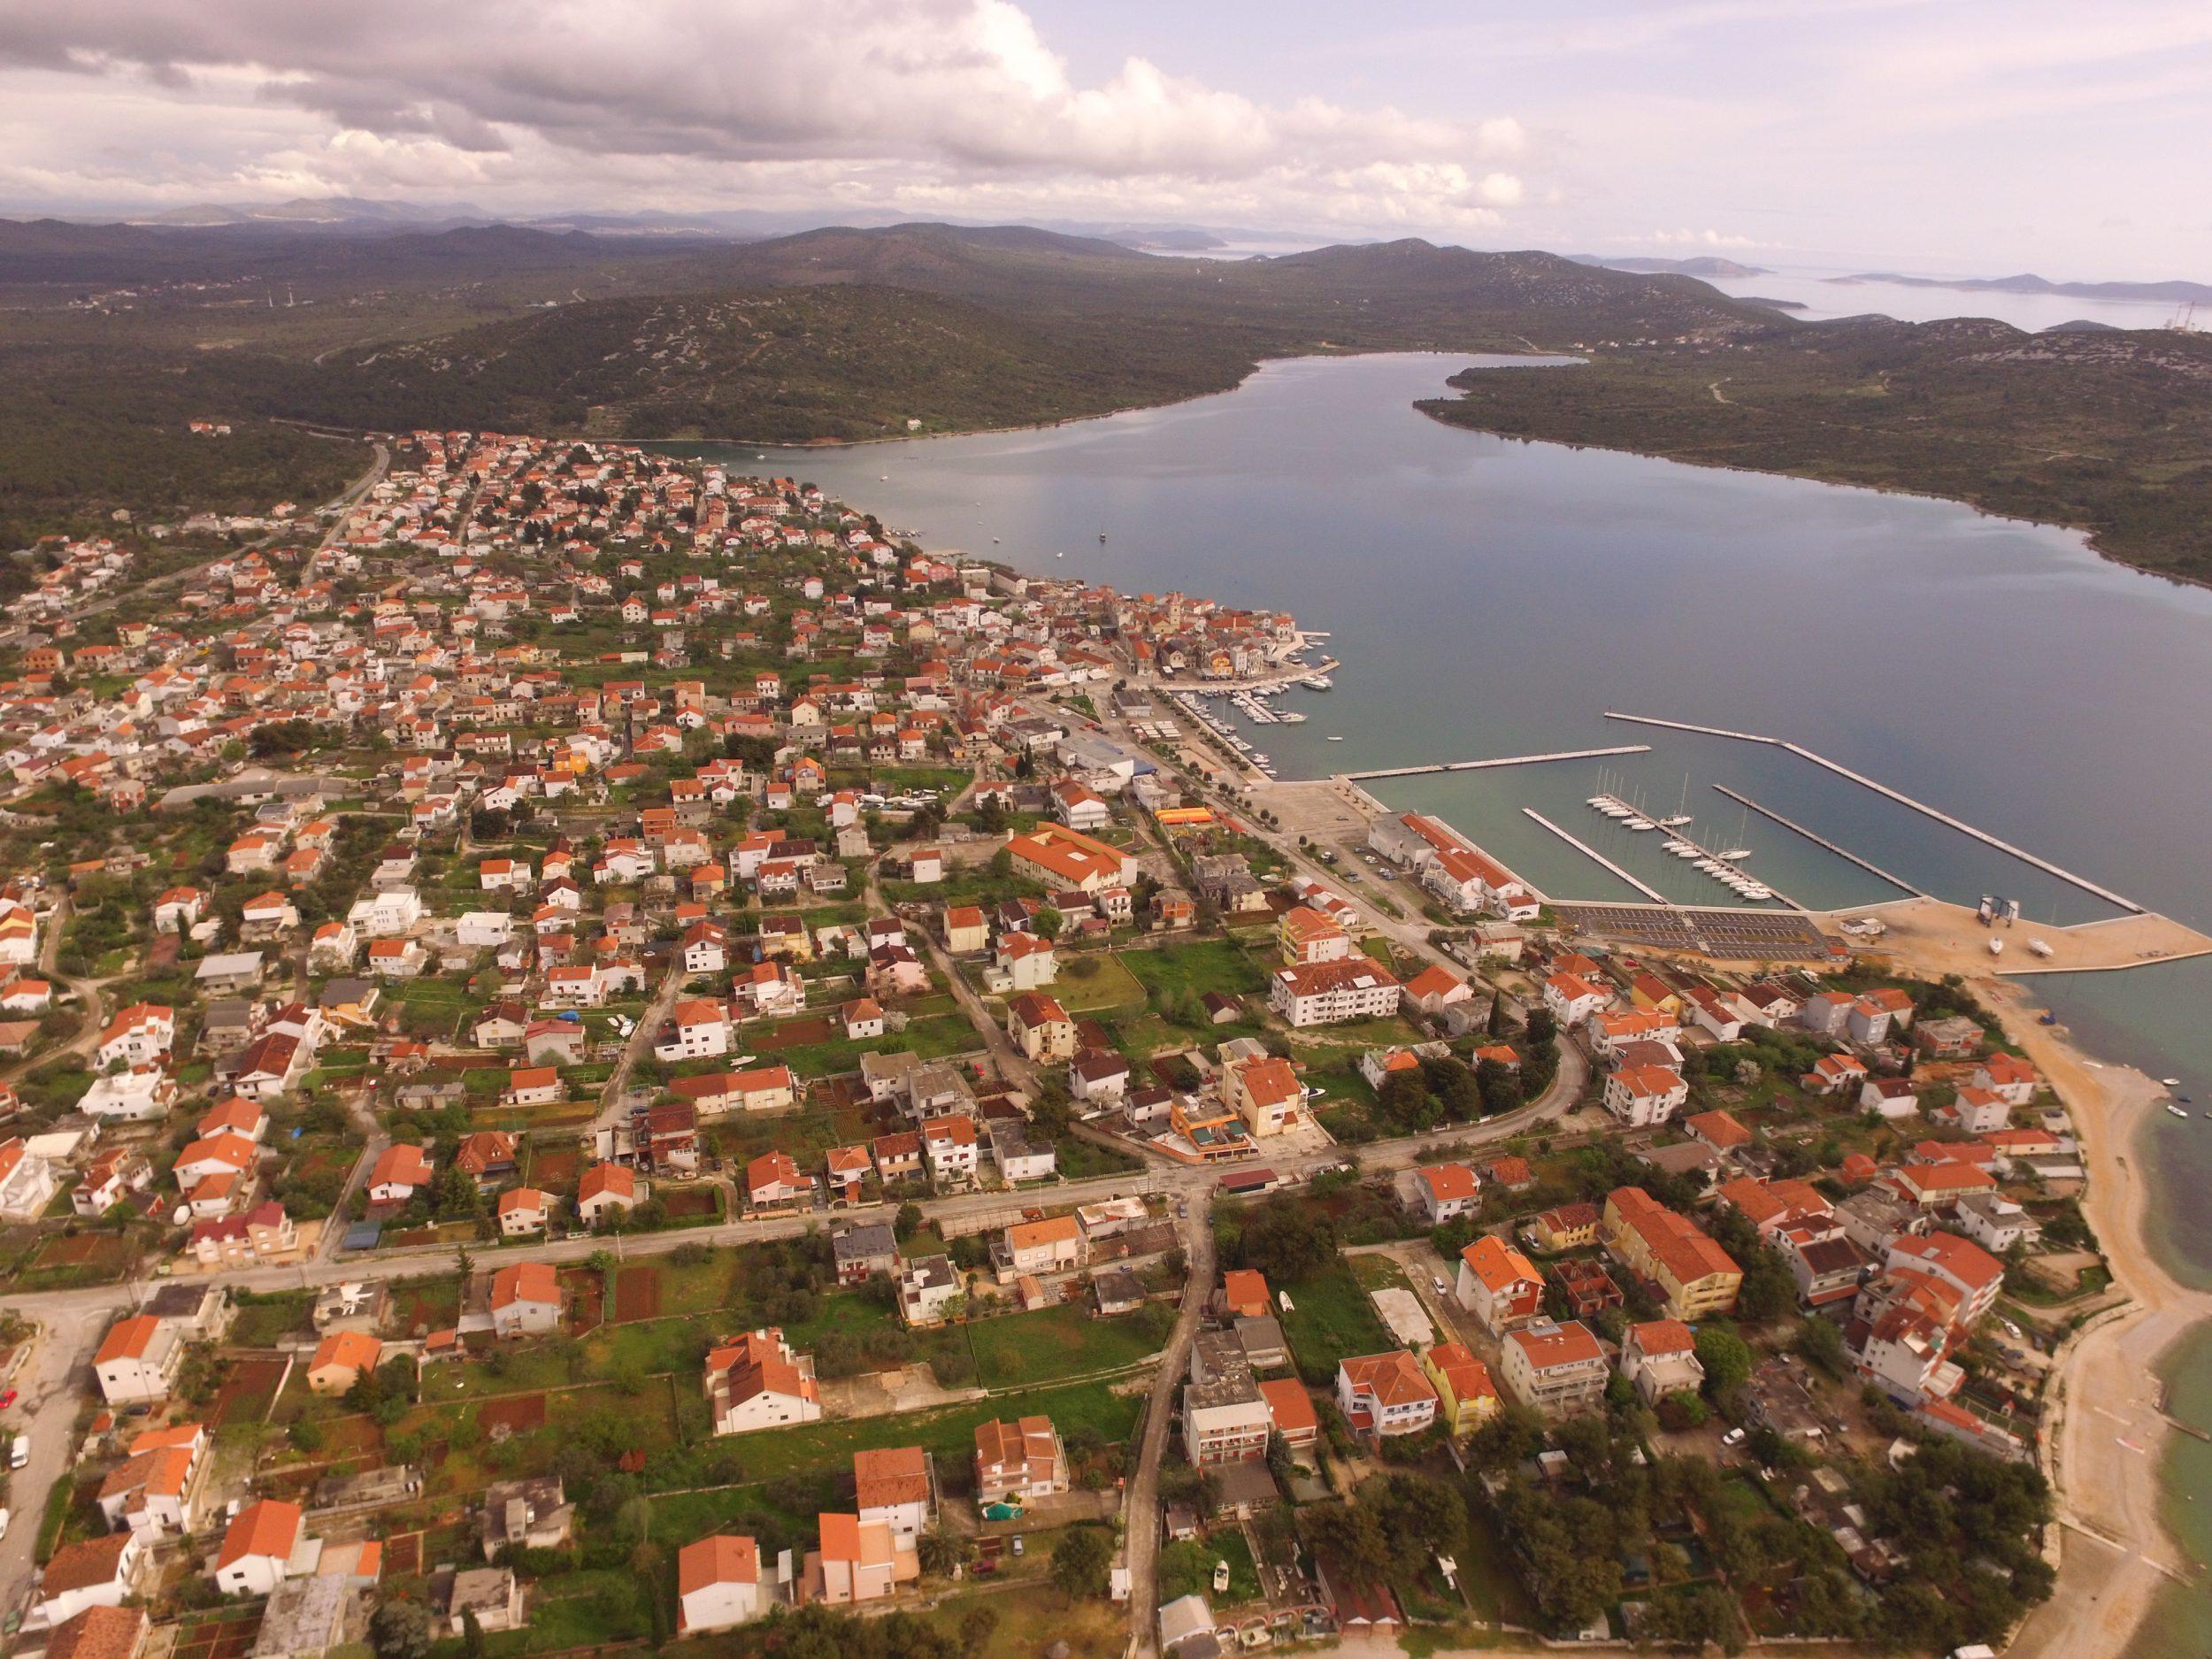 Fotografija Pirovca iz zraka.